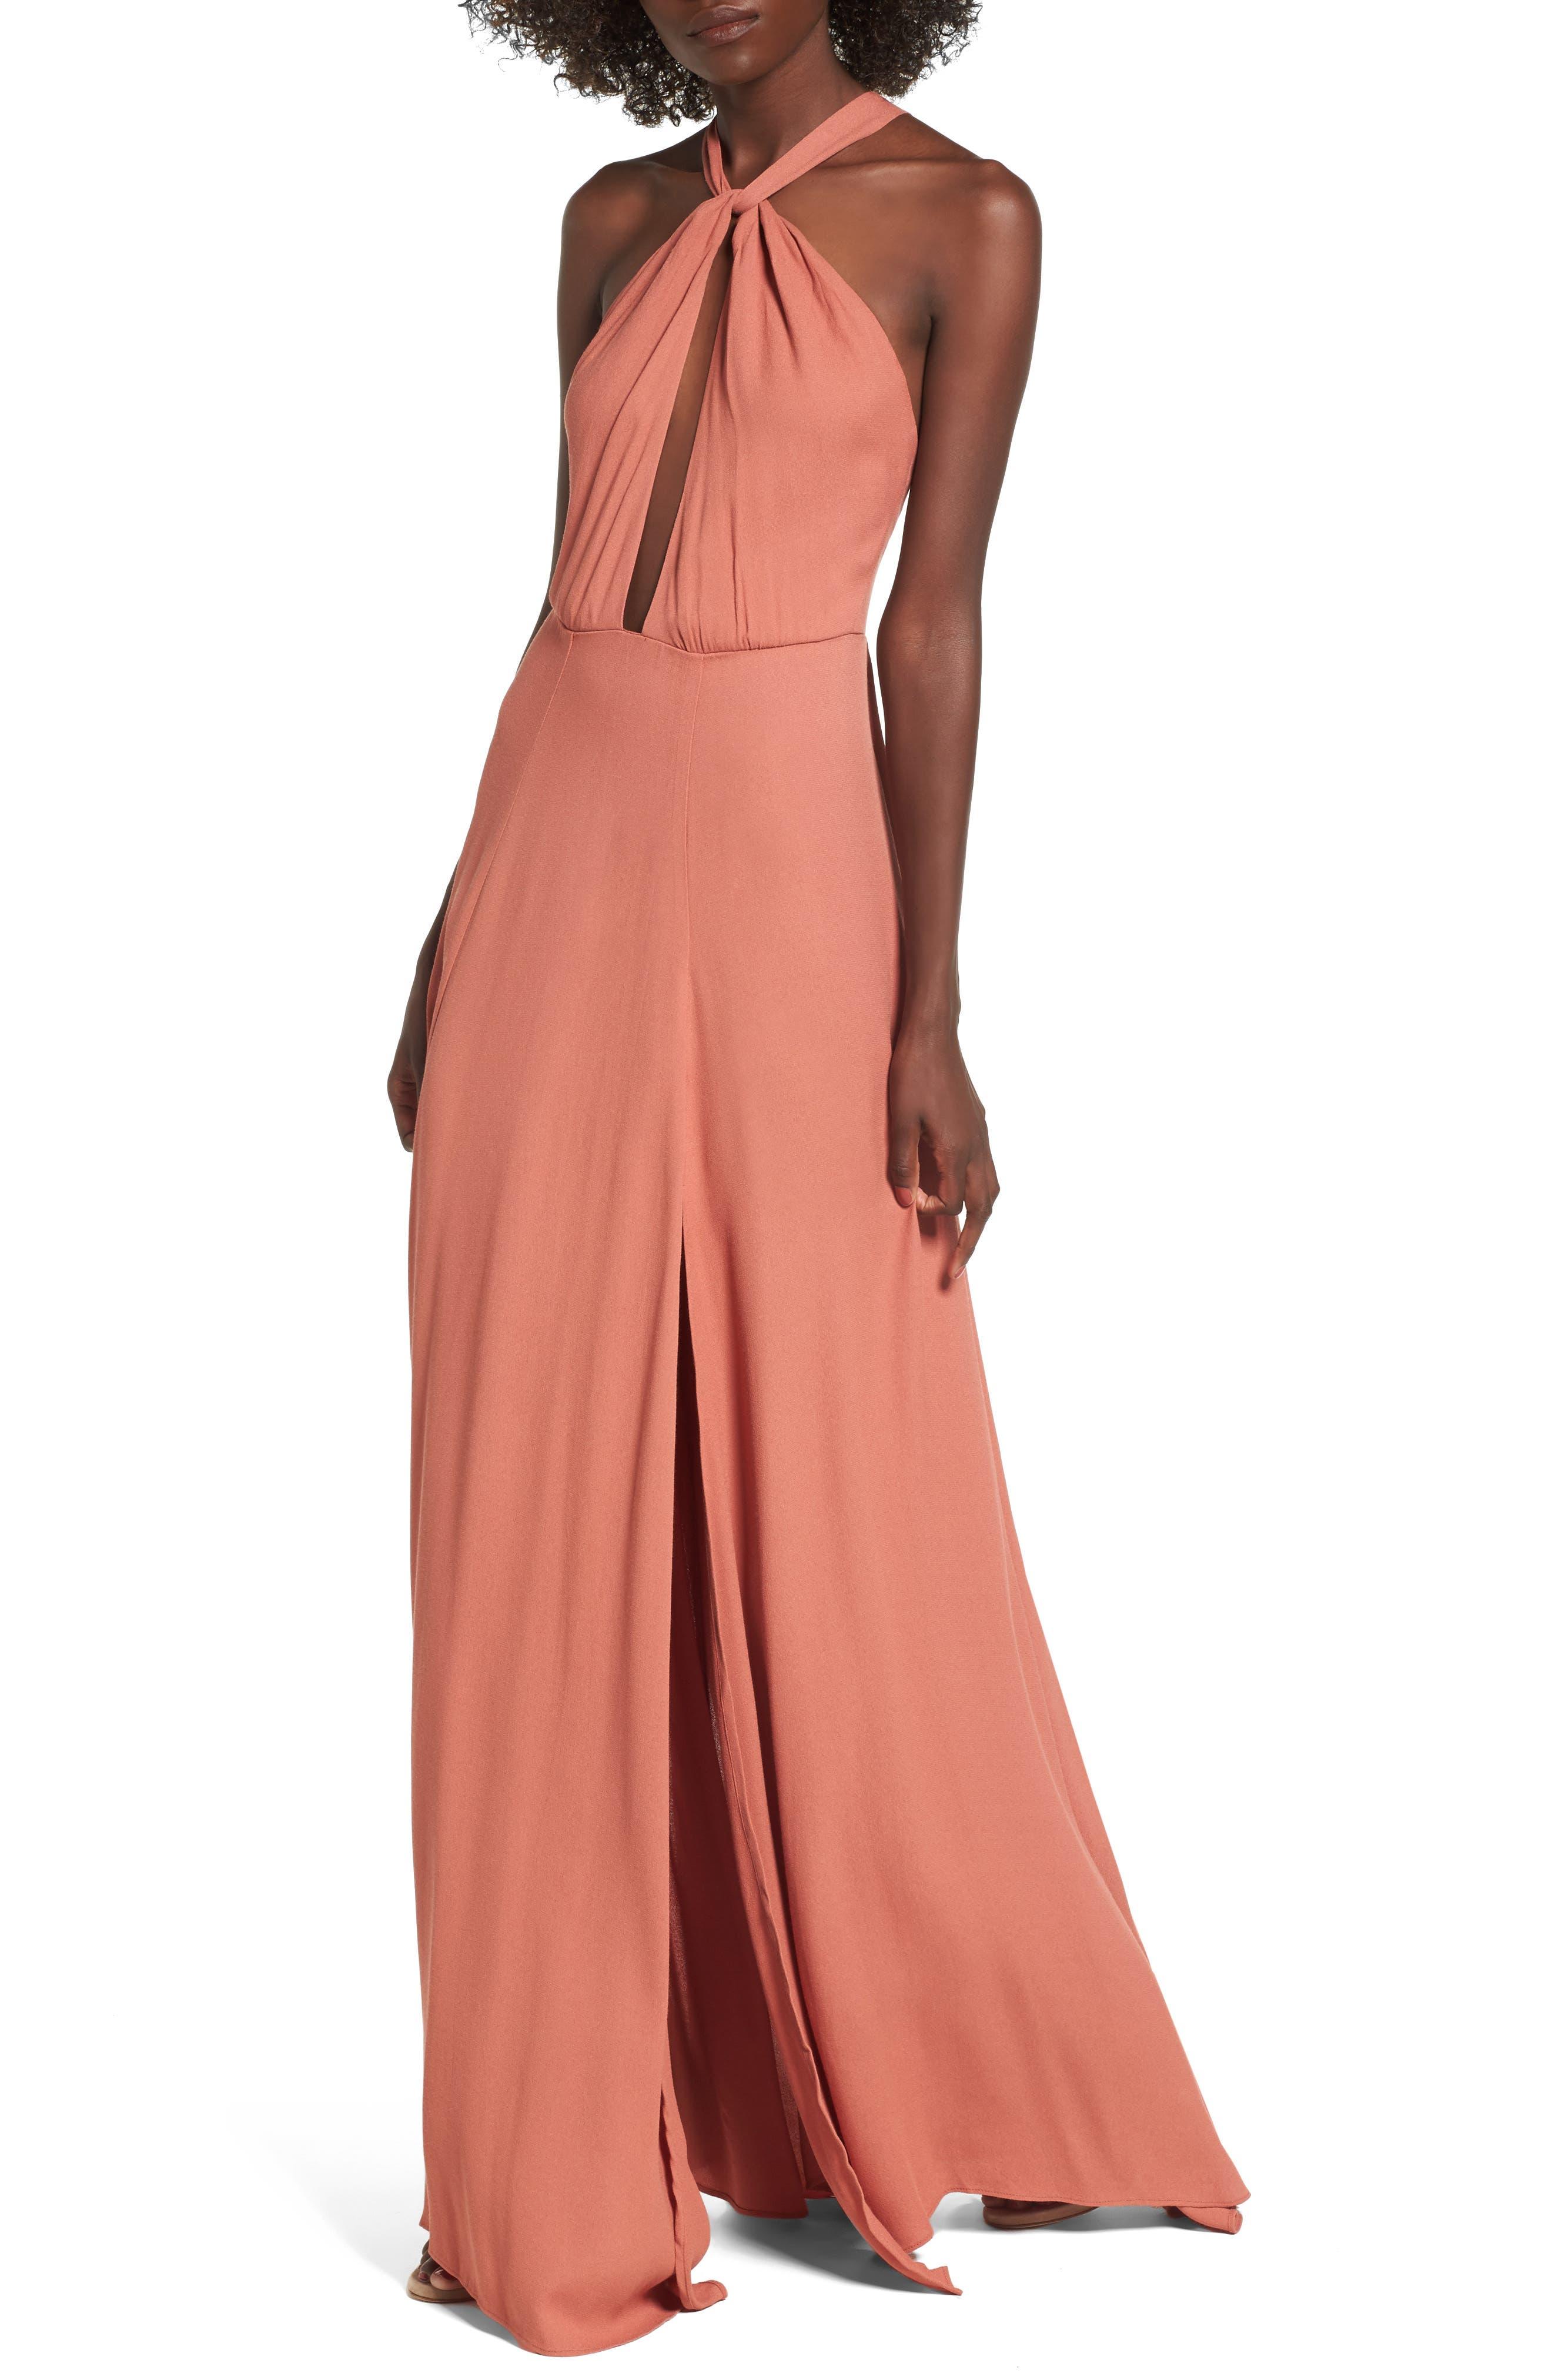 Alternate Image 1 Selected - AFRM Harlean Halter Maxi Dress